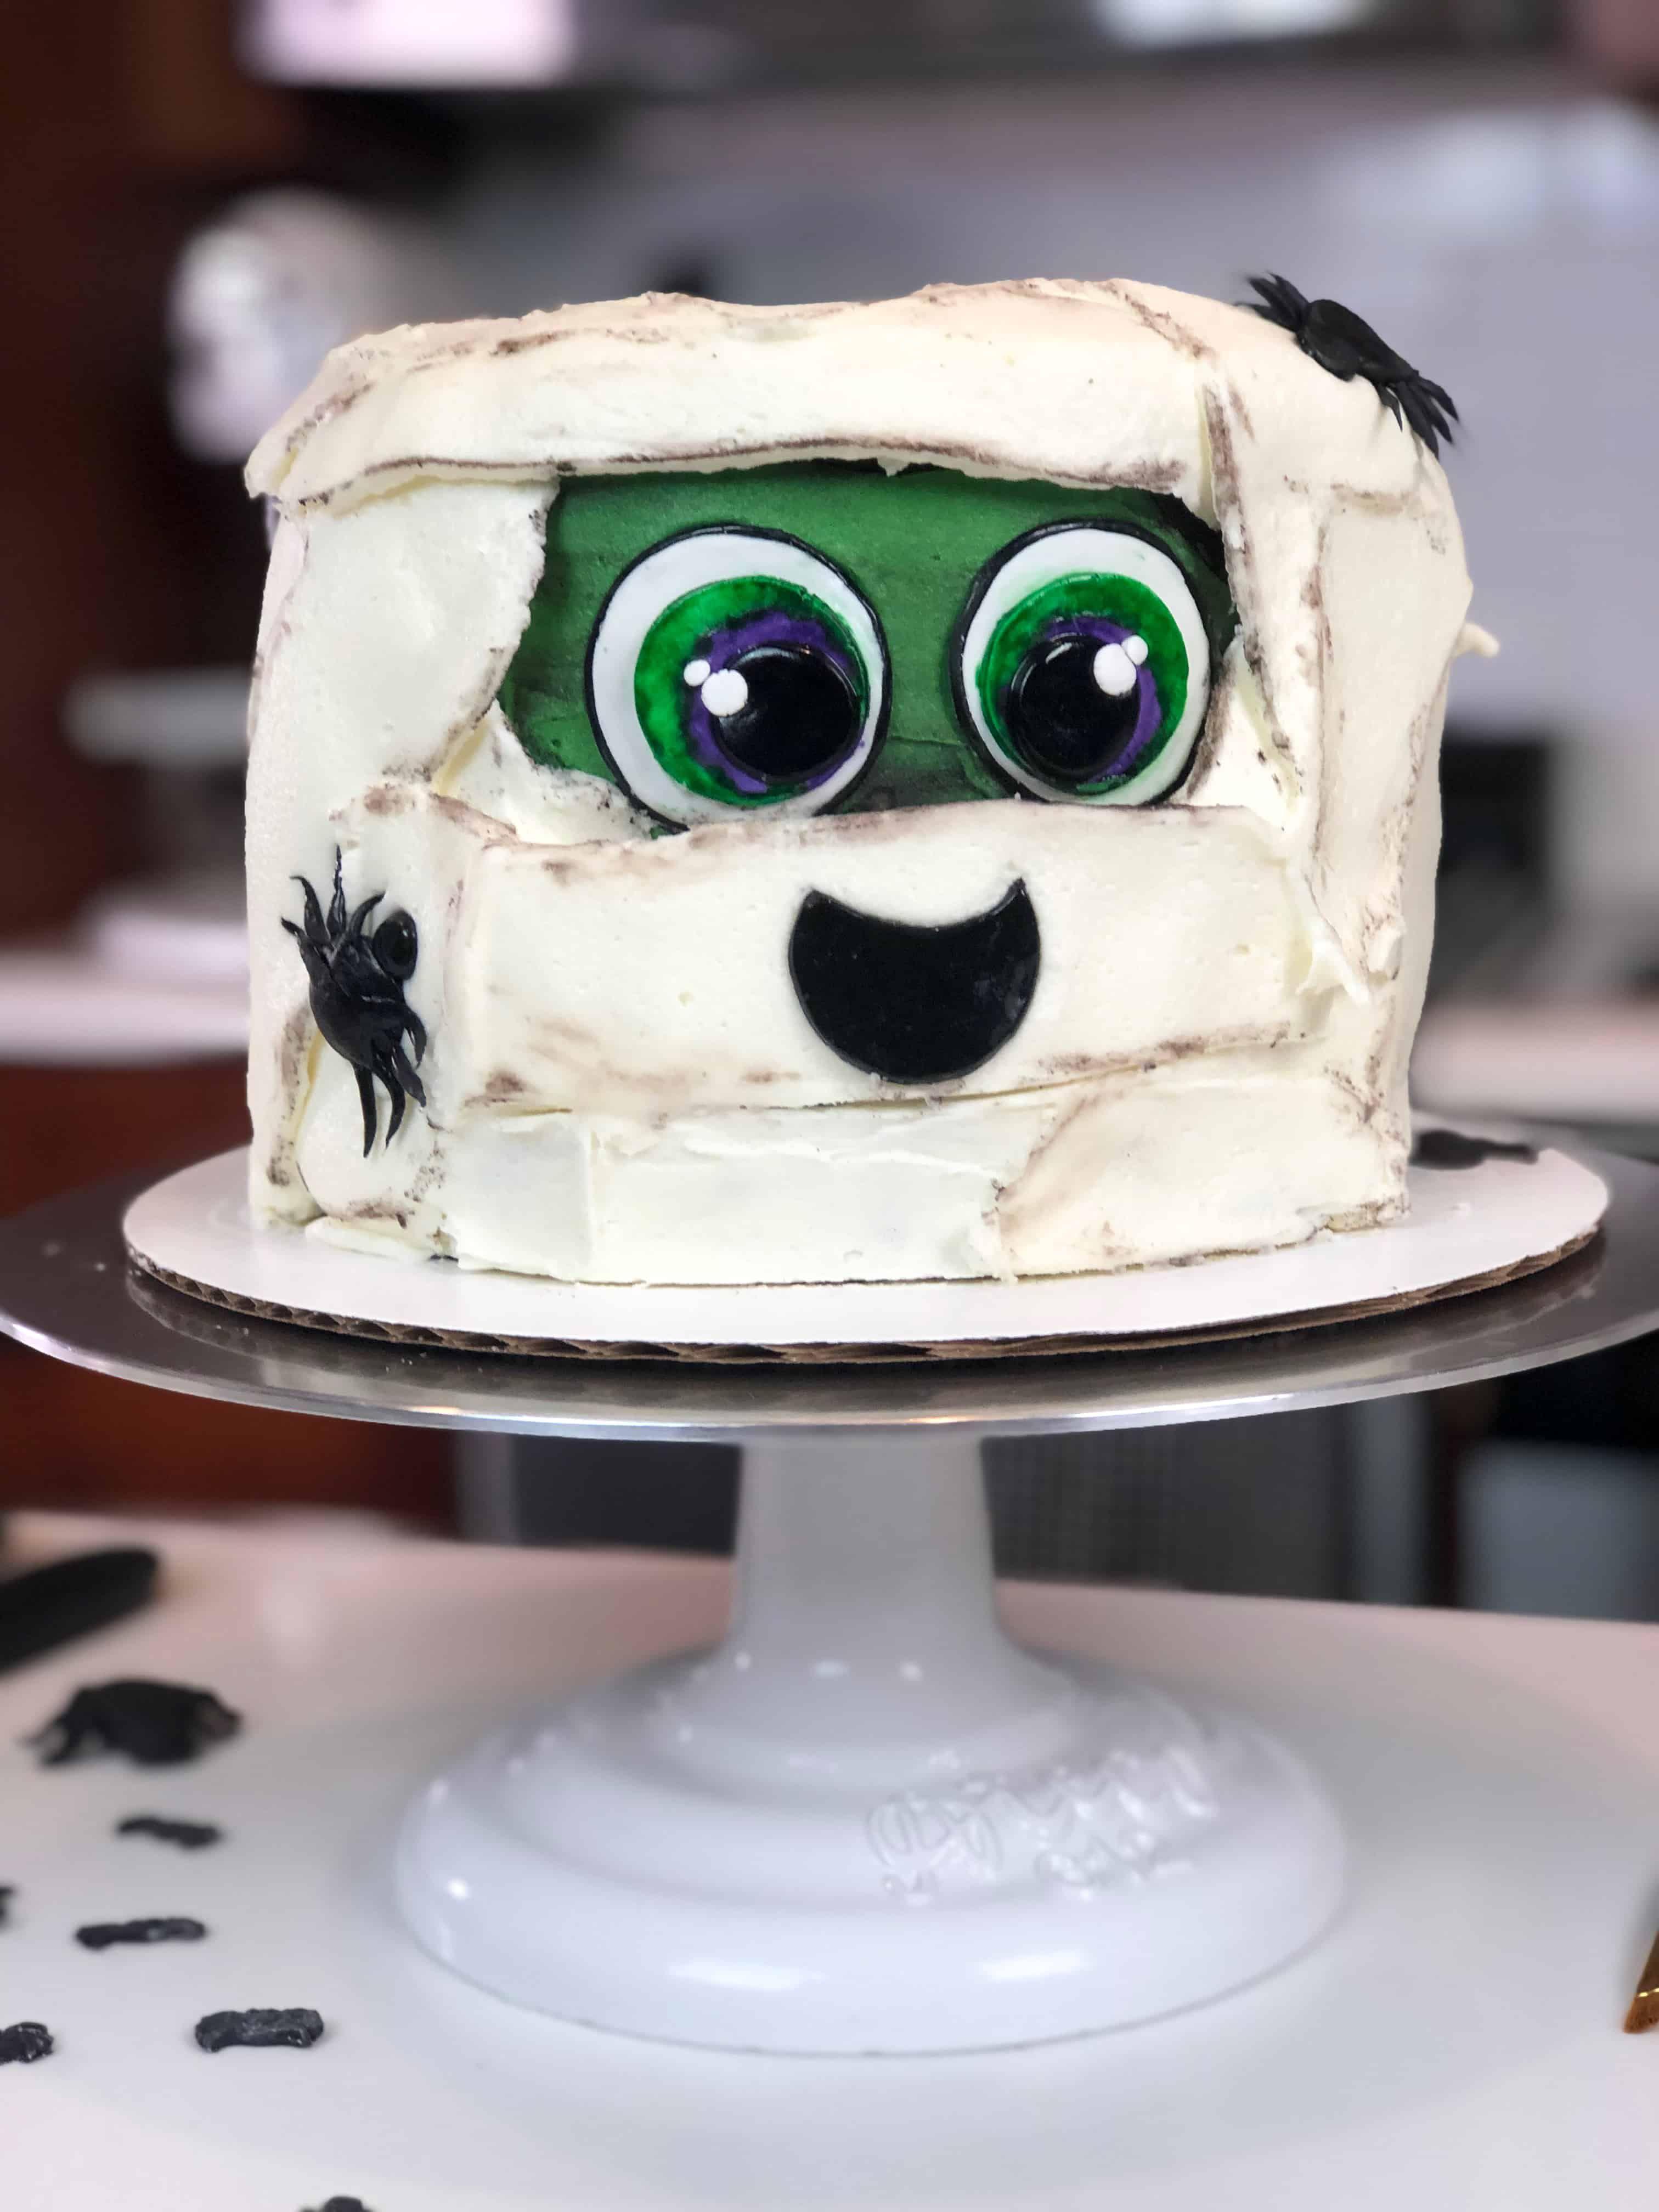 Mummy cake recipe cake rainbow sprinkle cakes